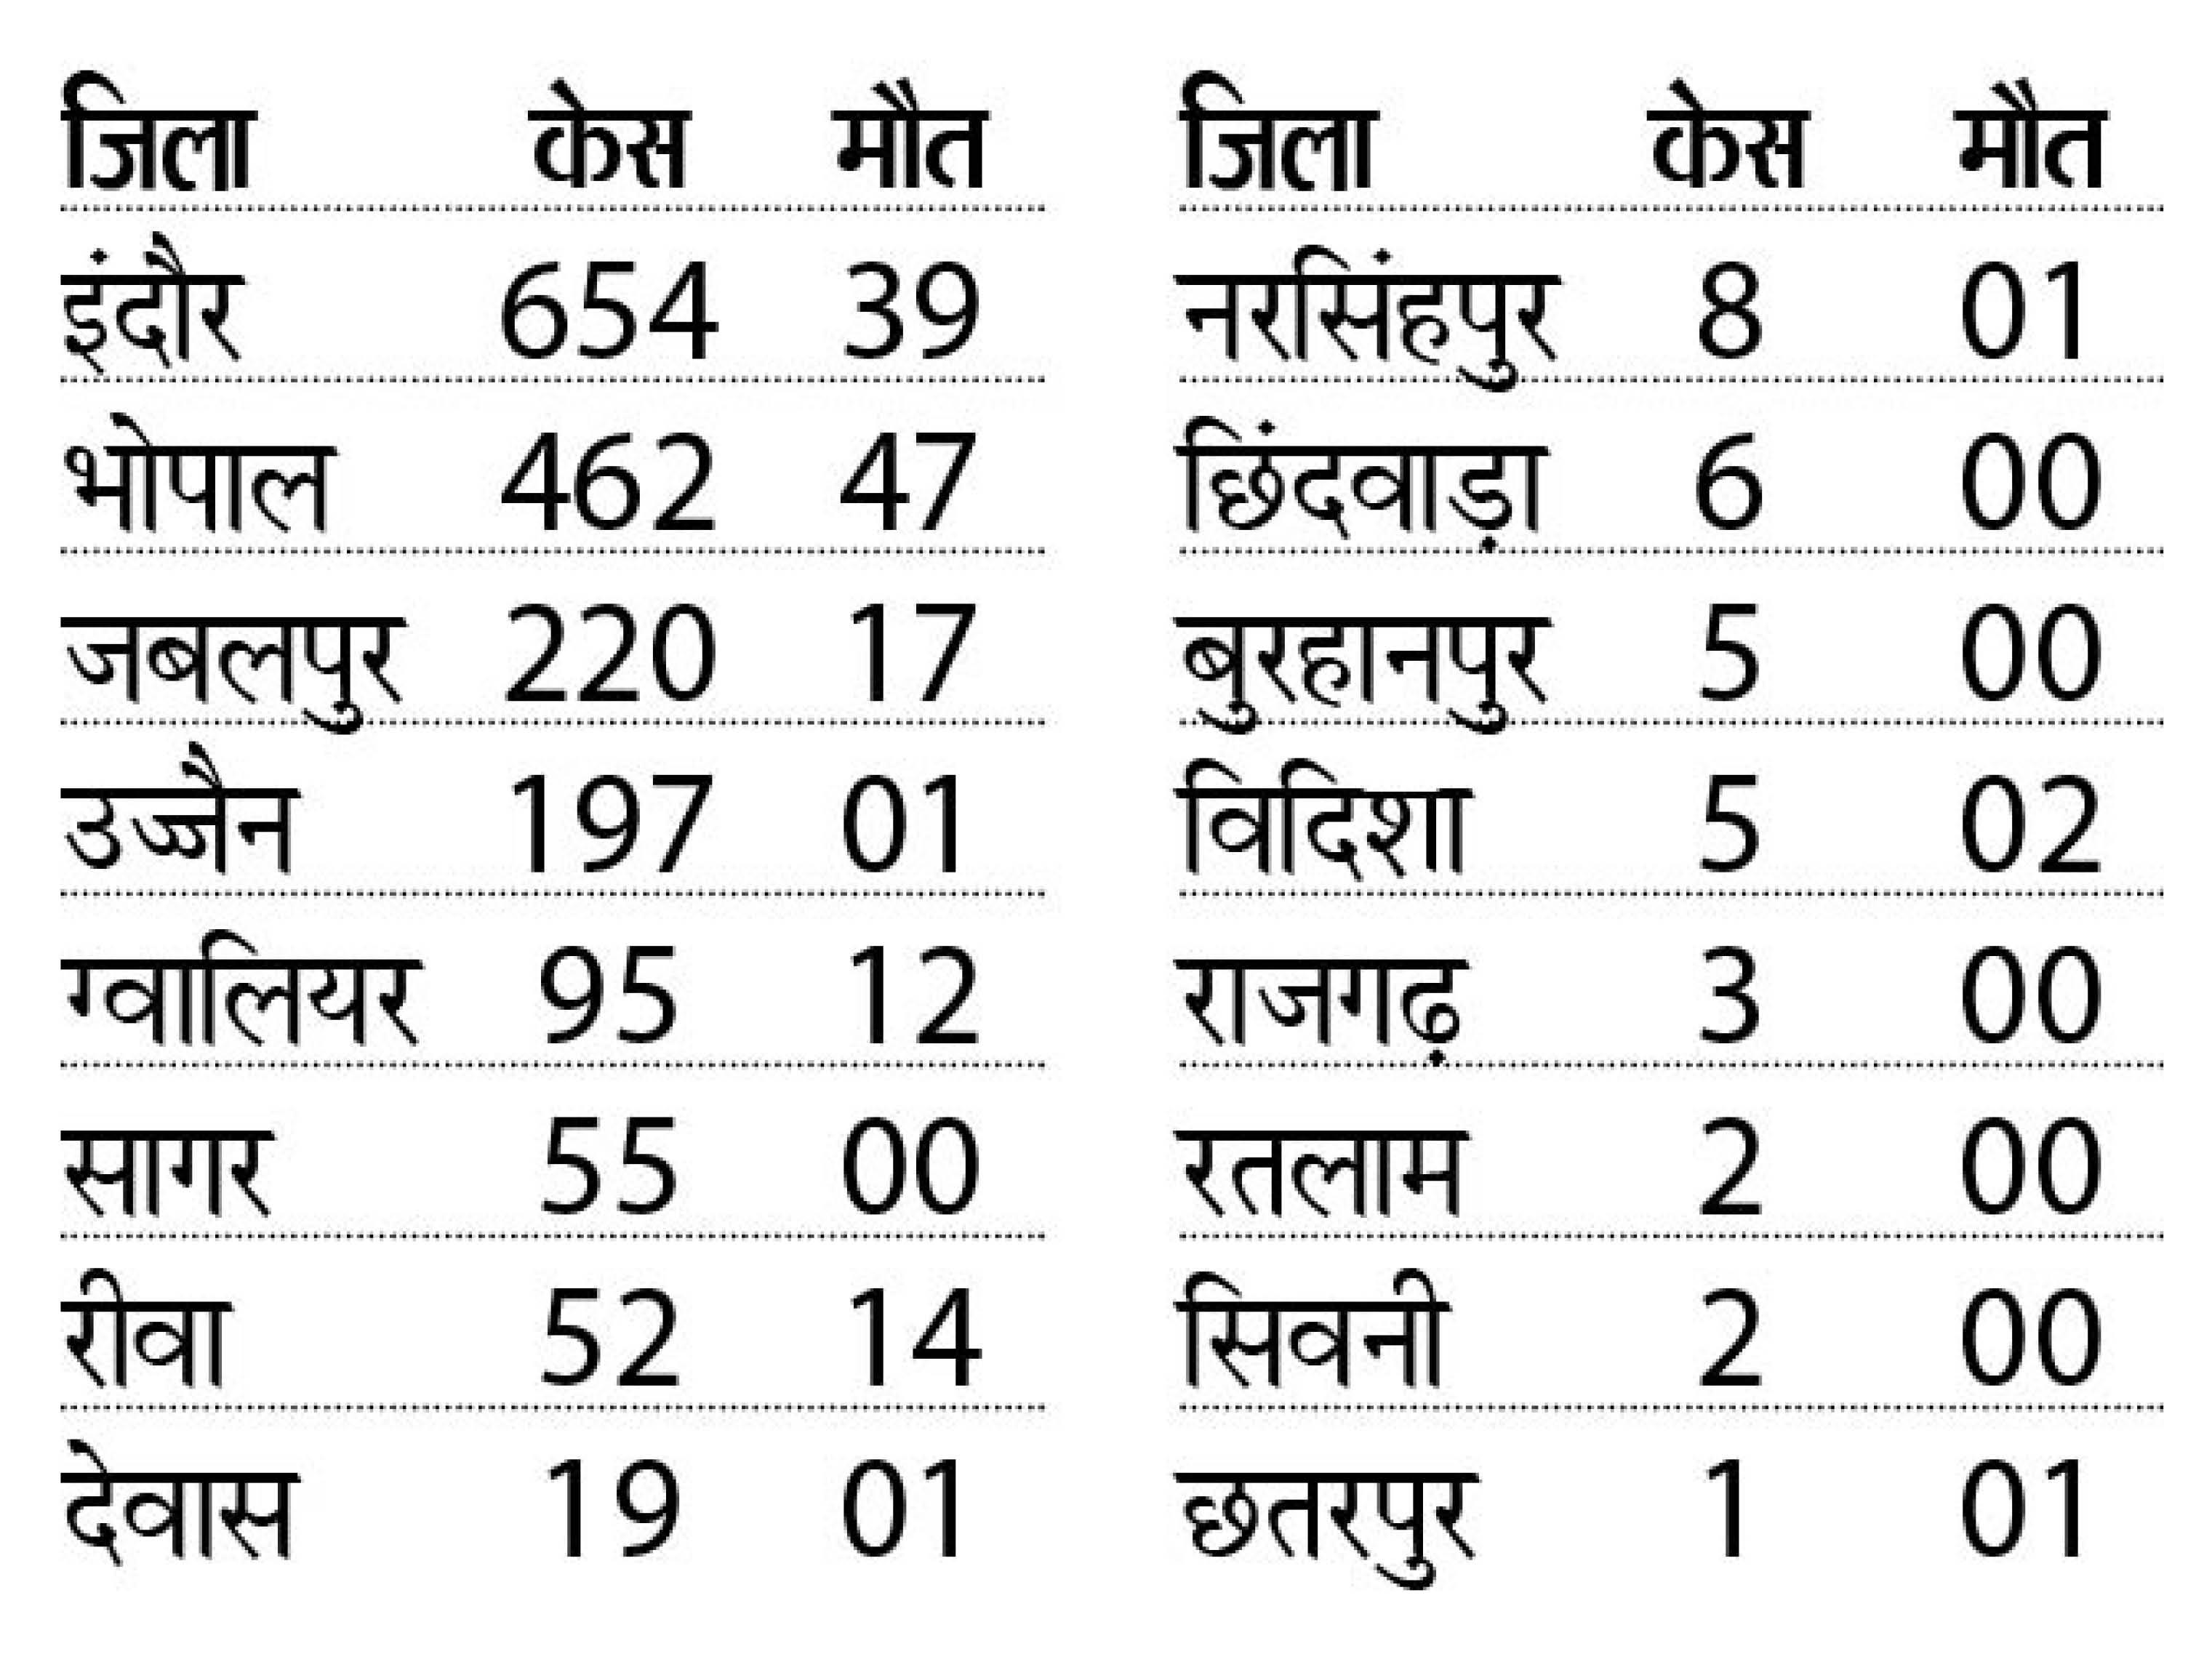 प्रदेश में सिर्फ 10 दिन में ब्लैक फंगस के 477 नए मरीज मिले, 87 मौत हुईं|भोपाल,Bhopal - Dainik Bhaskar